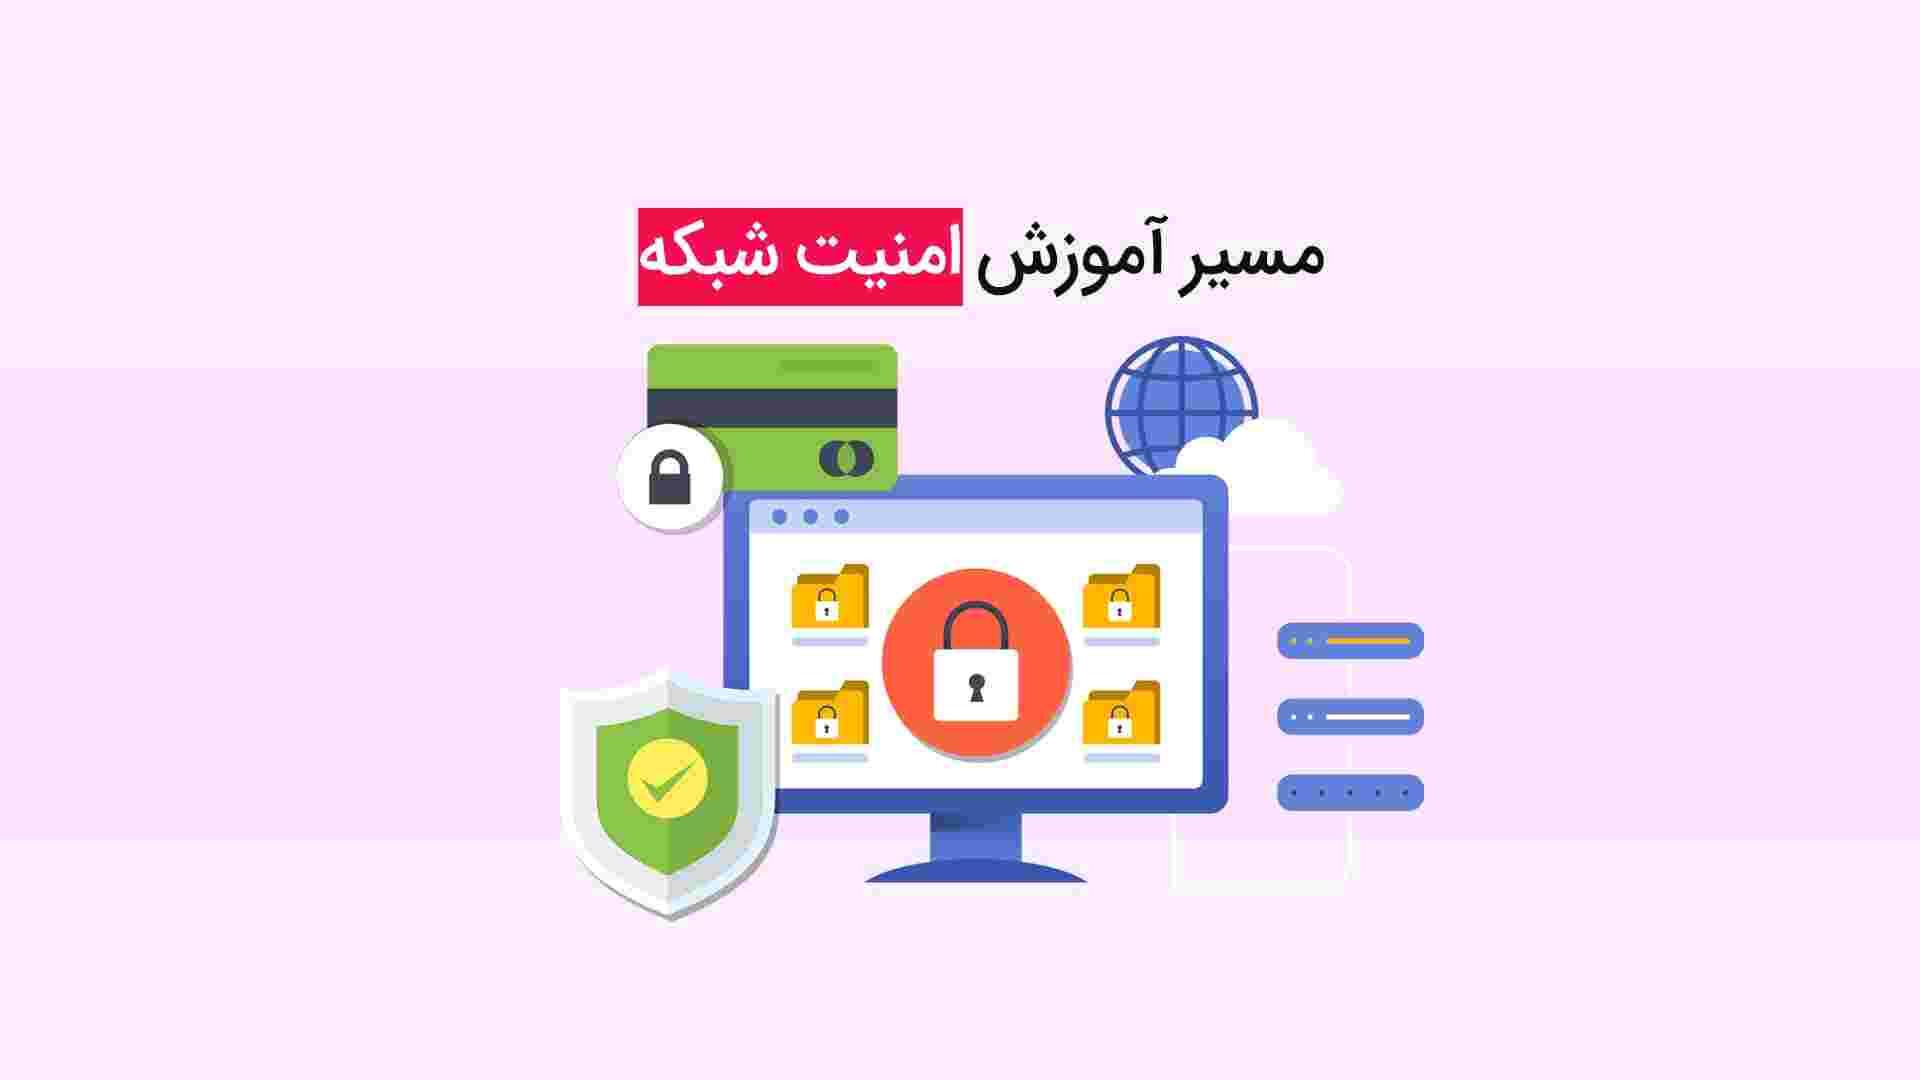 مسیر آموزش امنیت شبکه